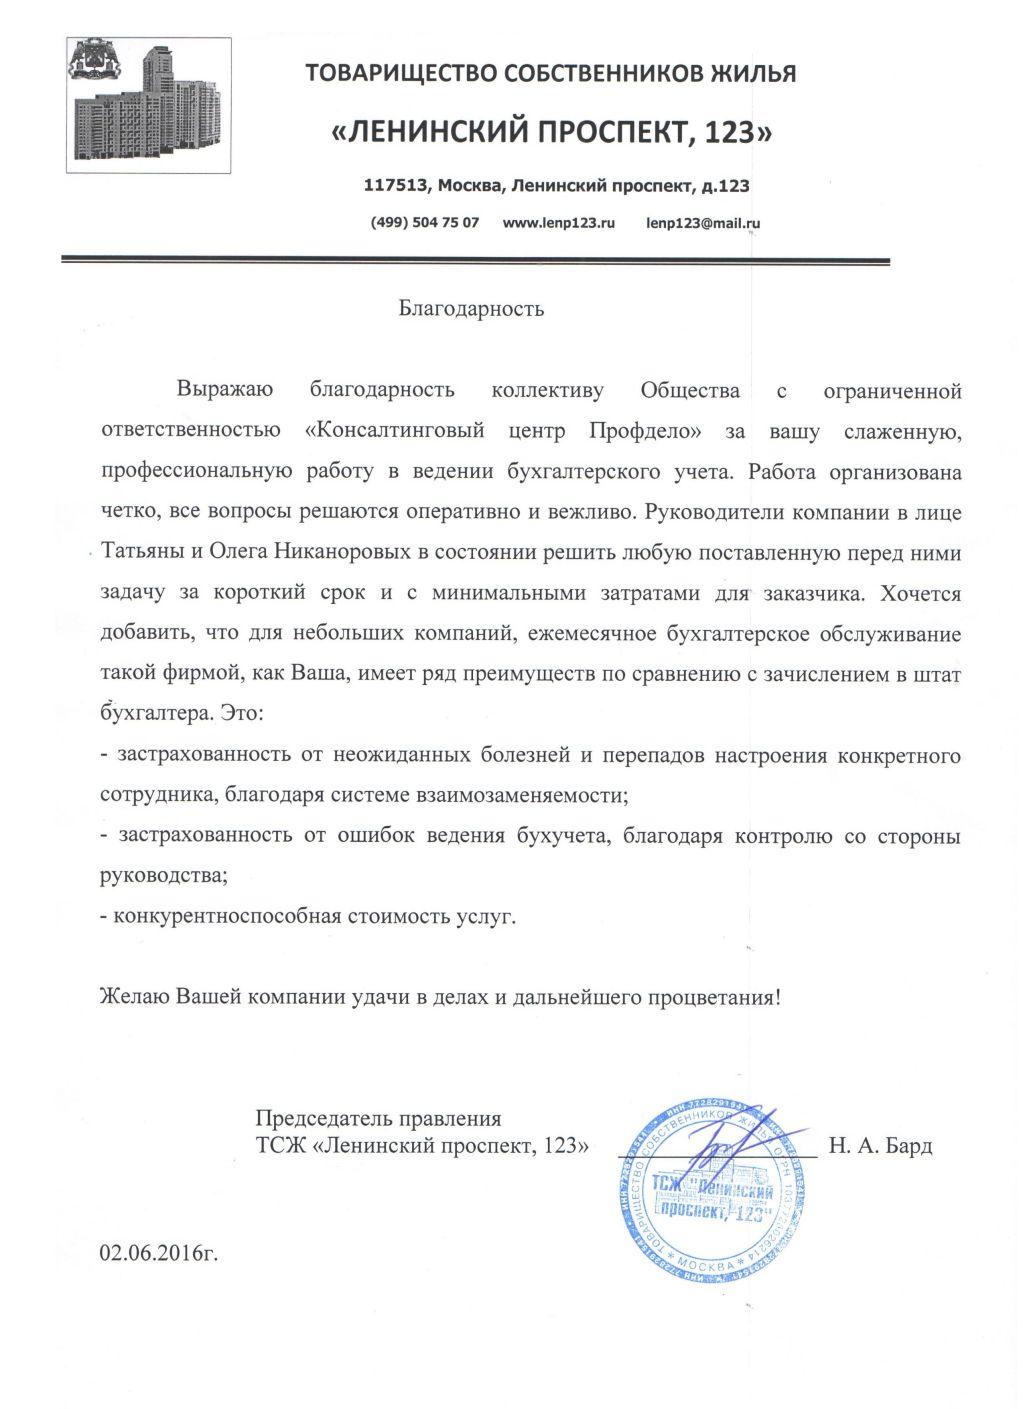 Договор с тсж на бухгалтерское обслуживание декларация ндфл 2019 заполненный